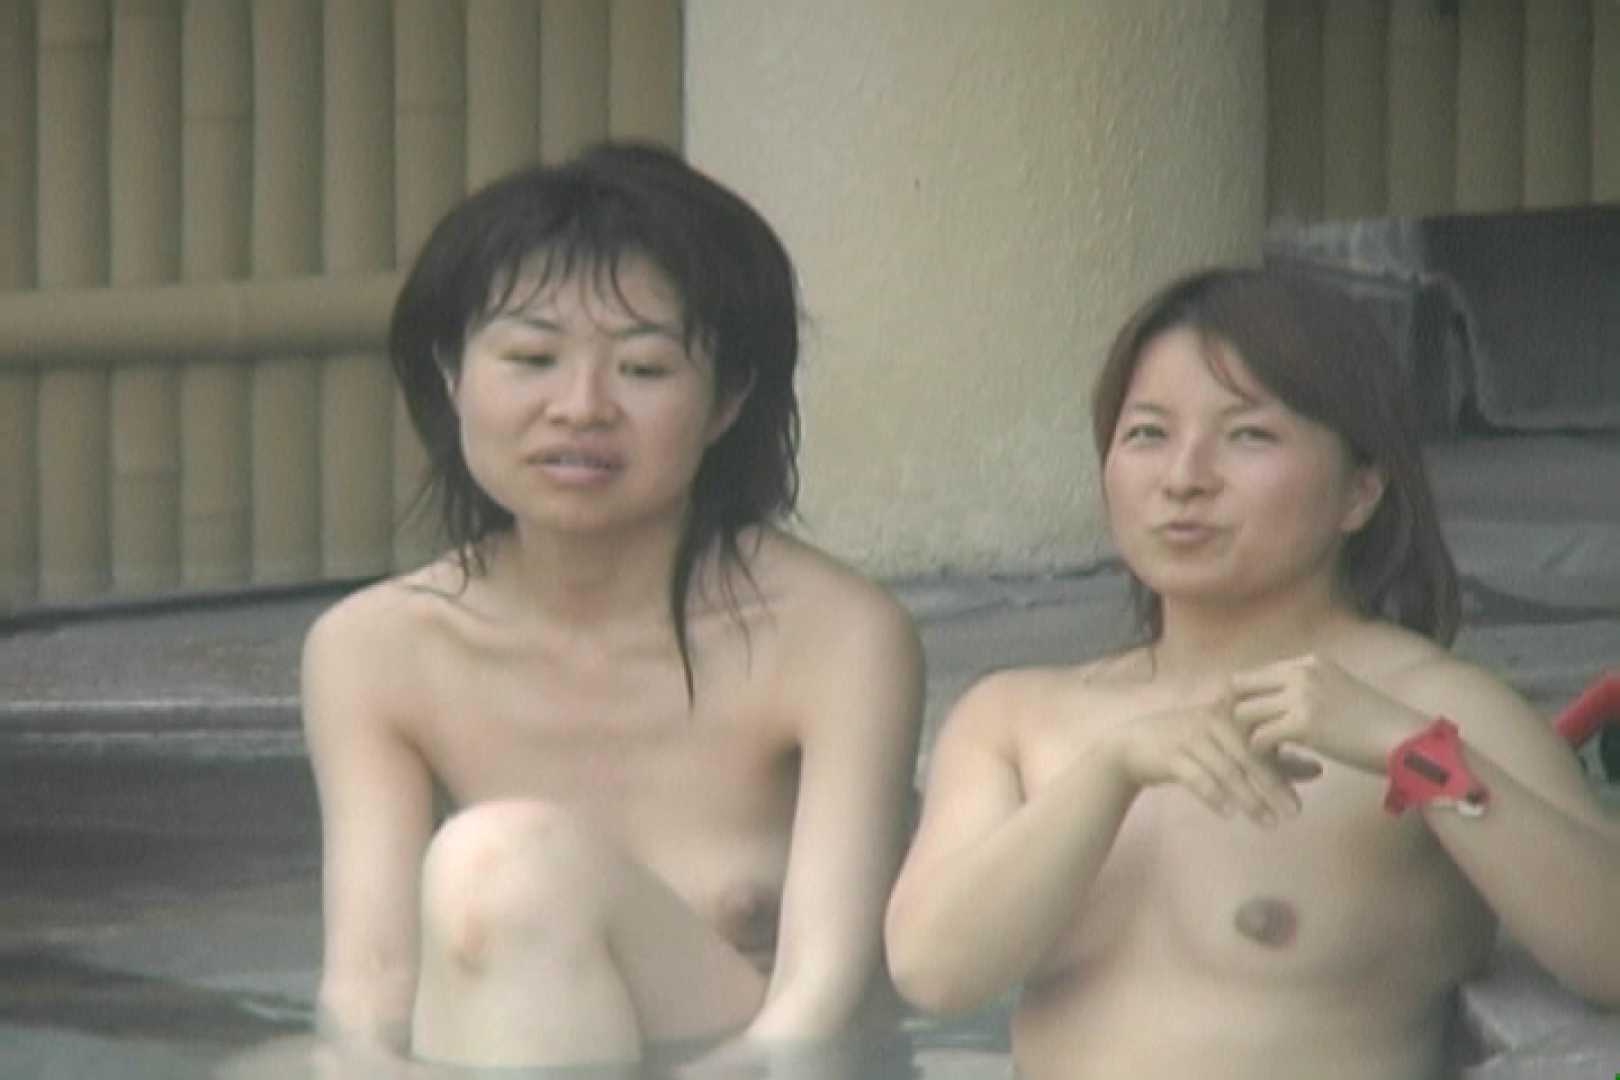 高画質露天女風呂観察 vol.012 乙女 セックス画像 100画像 60